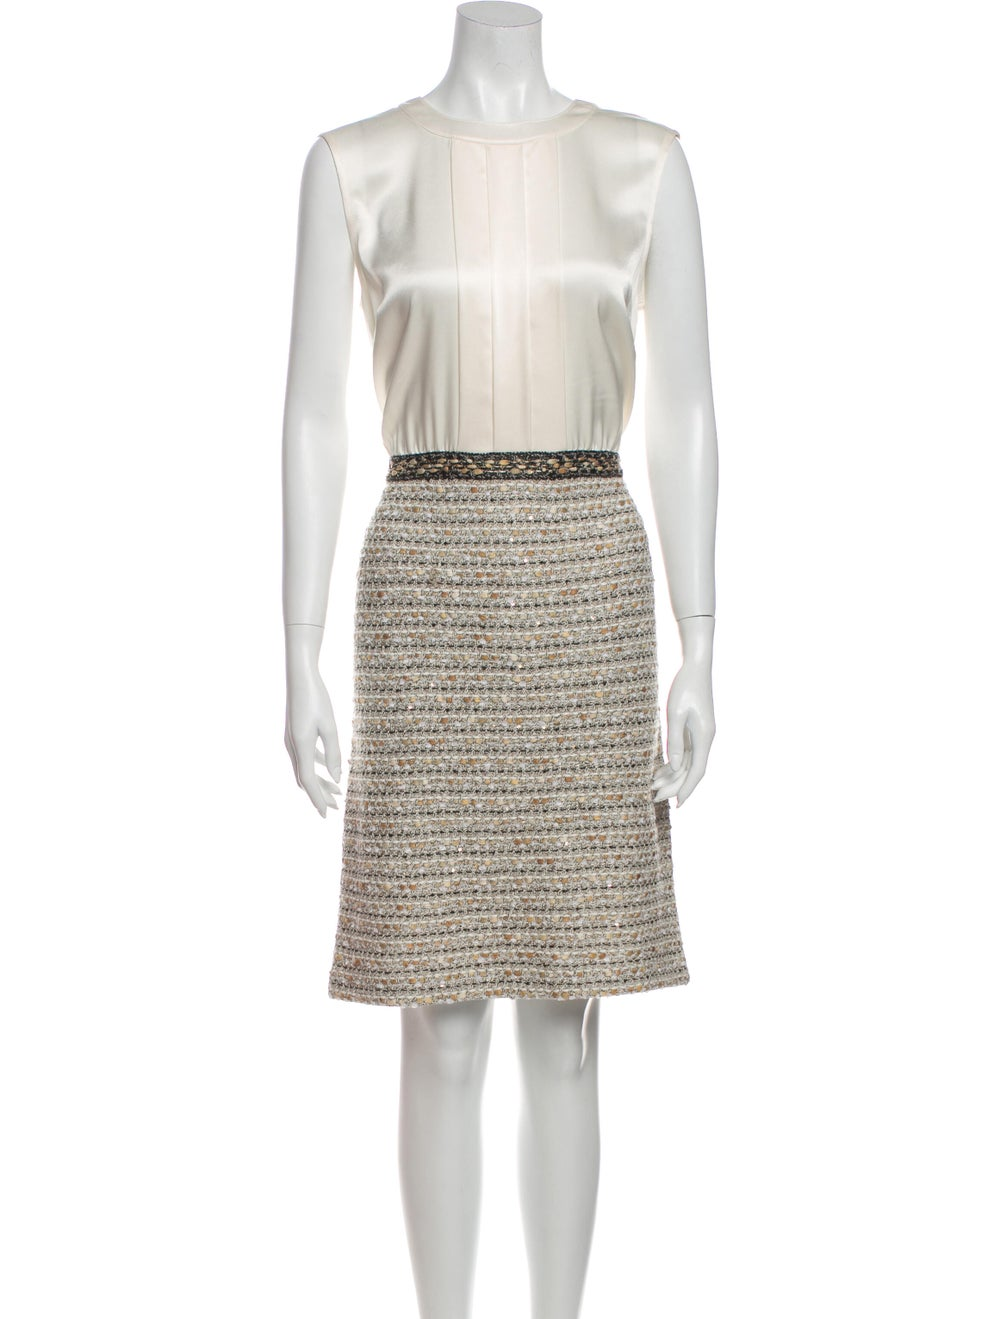 St. John Tweed Pattern Dress Set - image 4